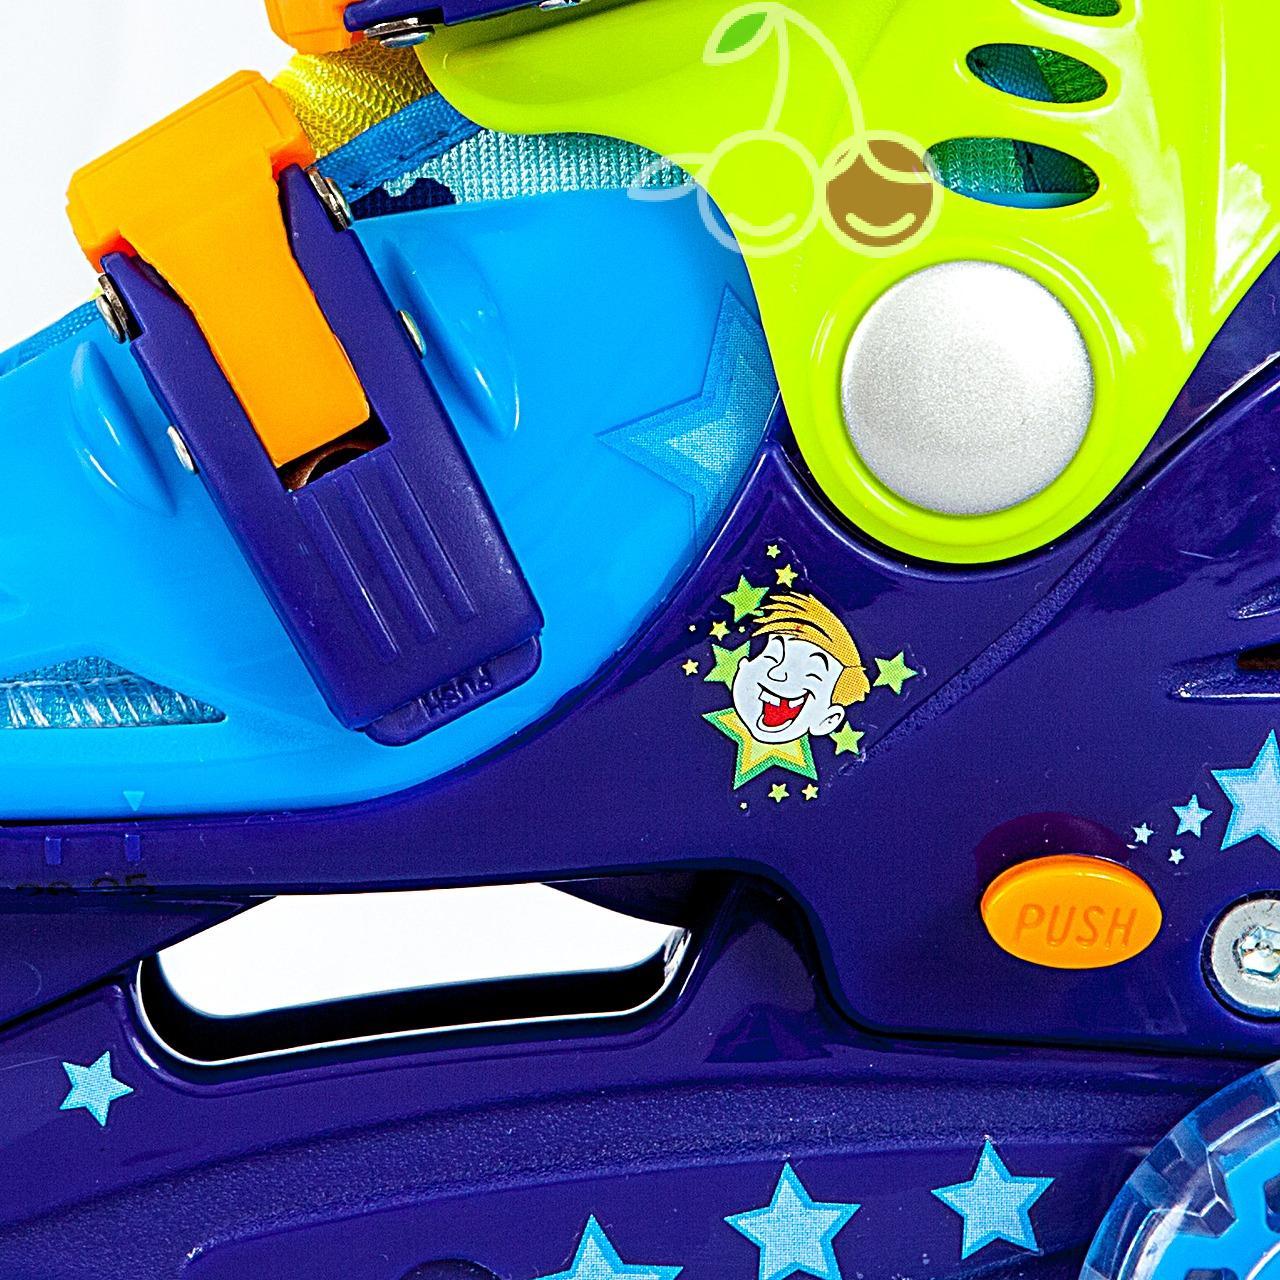 Роликовые коньки детские 27 размер, для обучения (трехколесные, раздвижной ботинок) MagicWheels зеленые, - фото 2